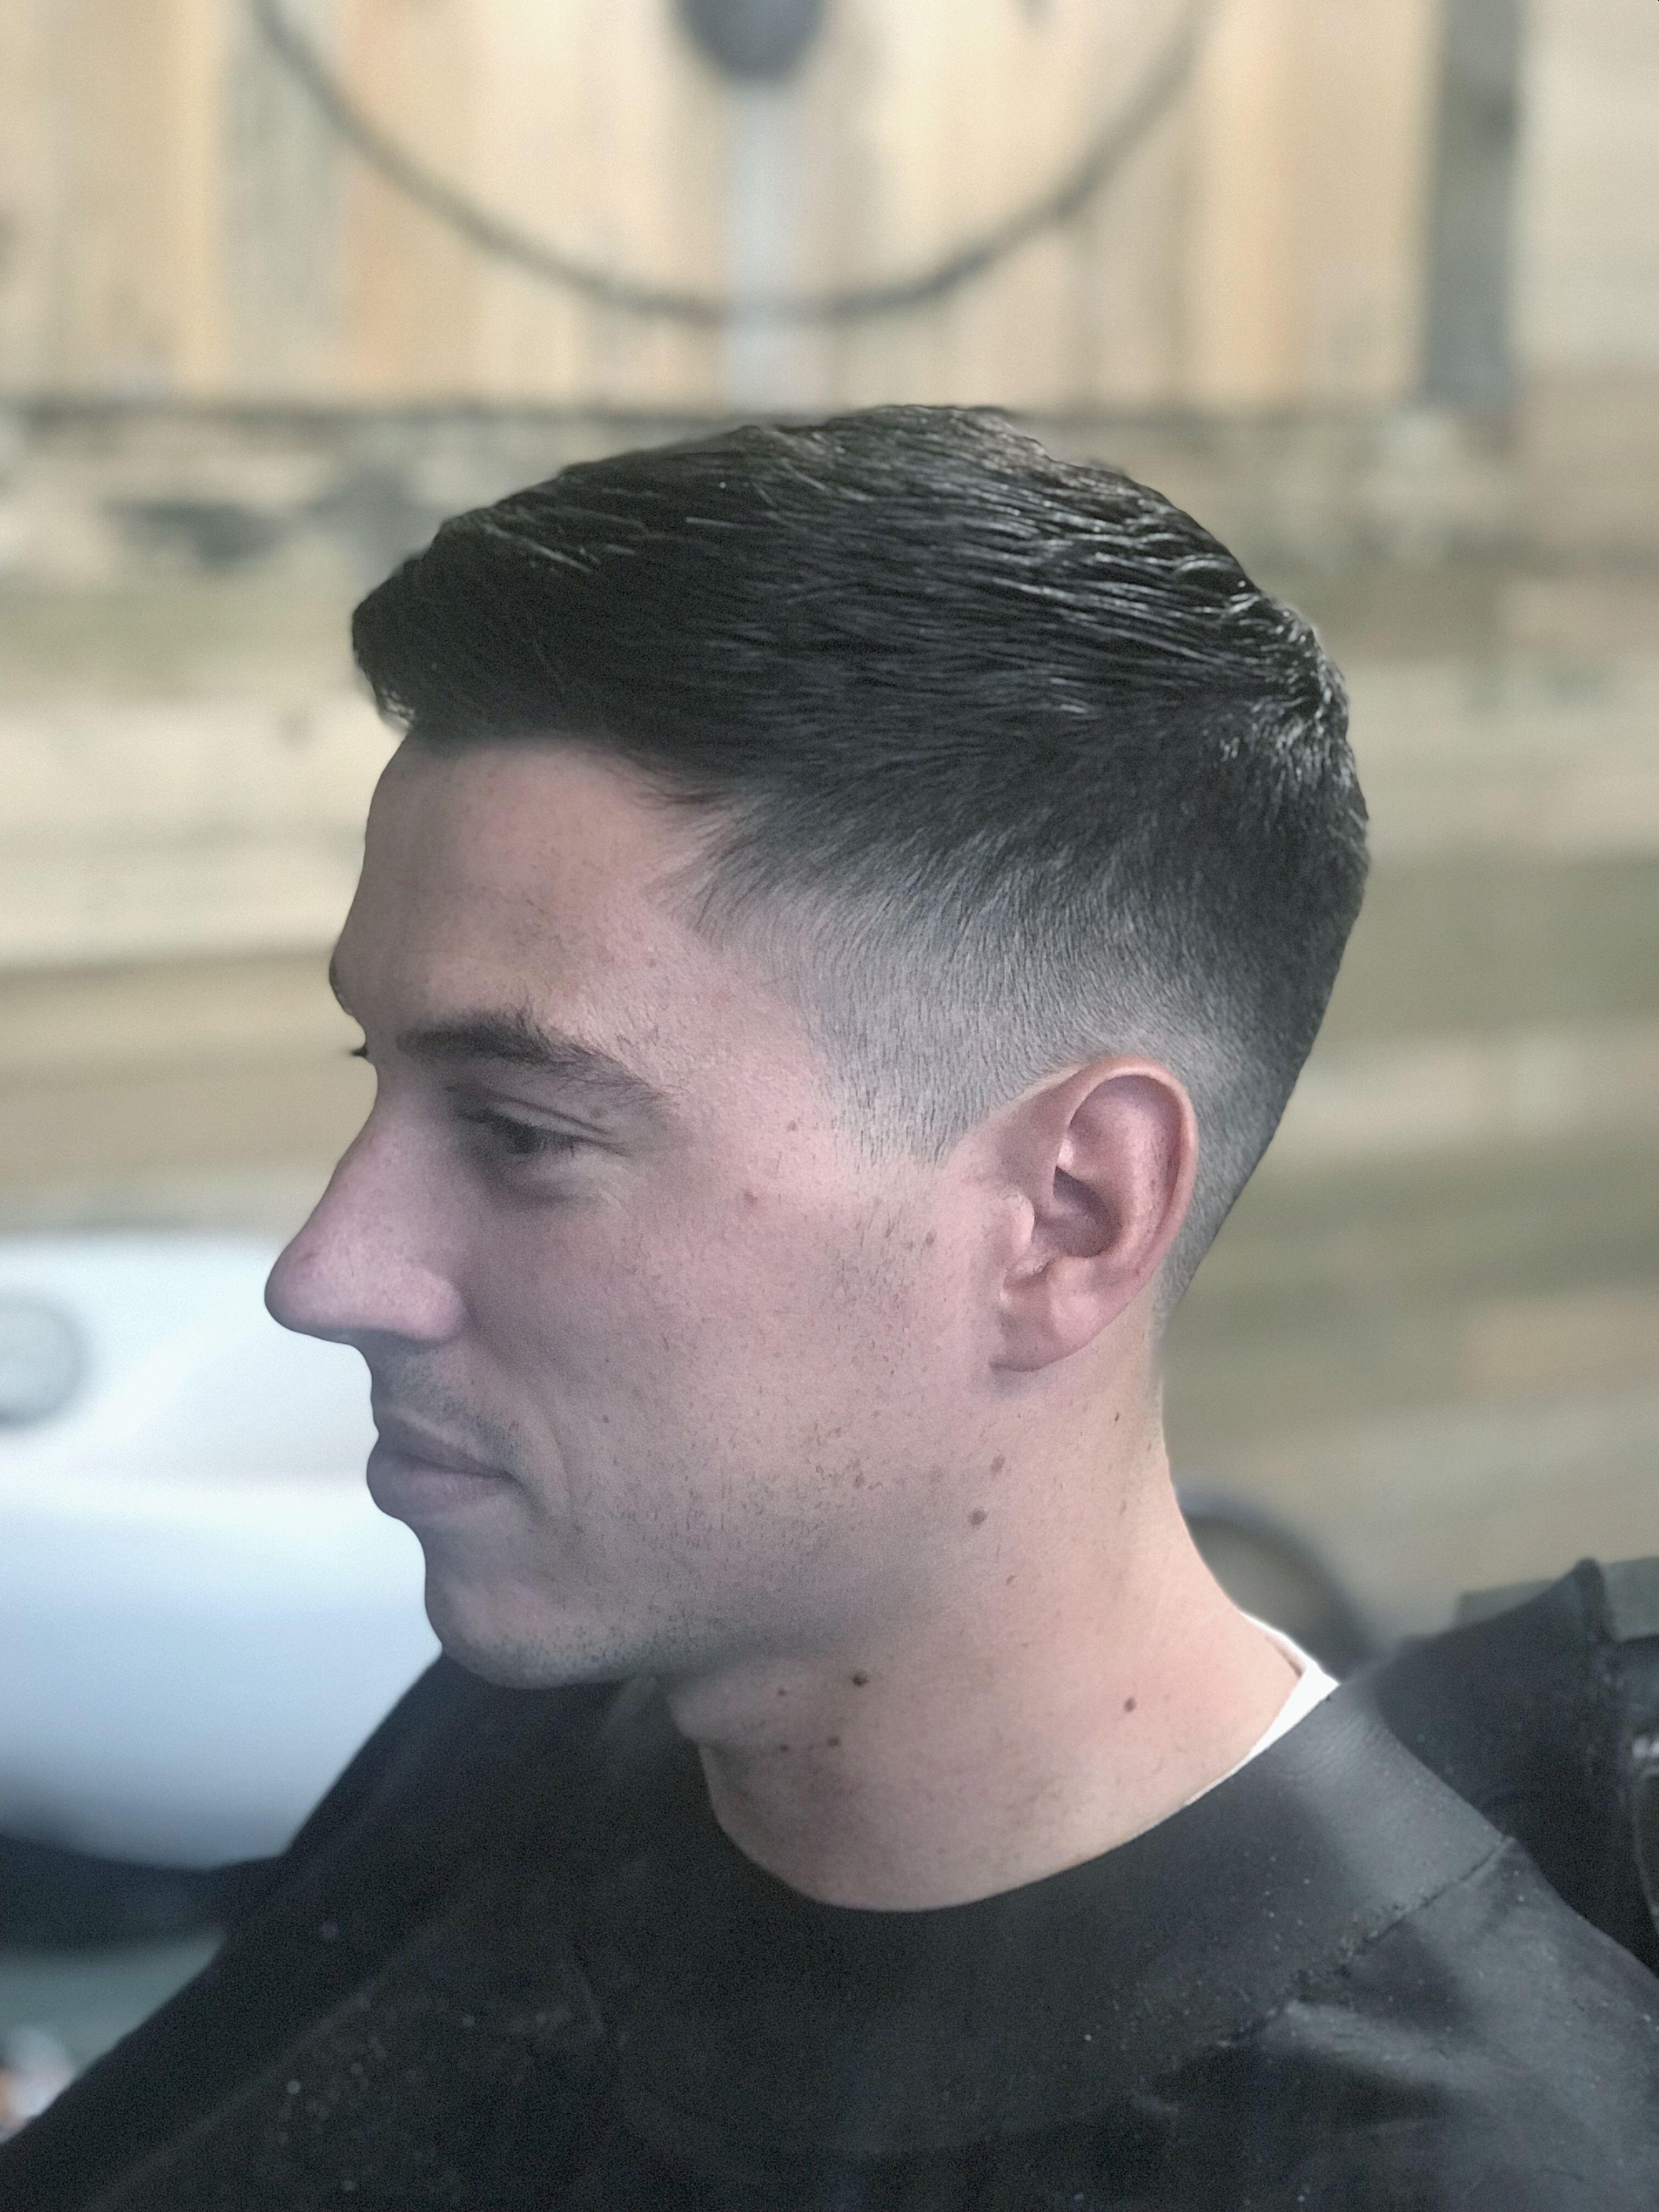 Pin on Jeast Cuts Haircuts